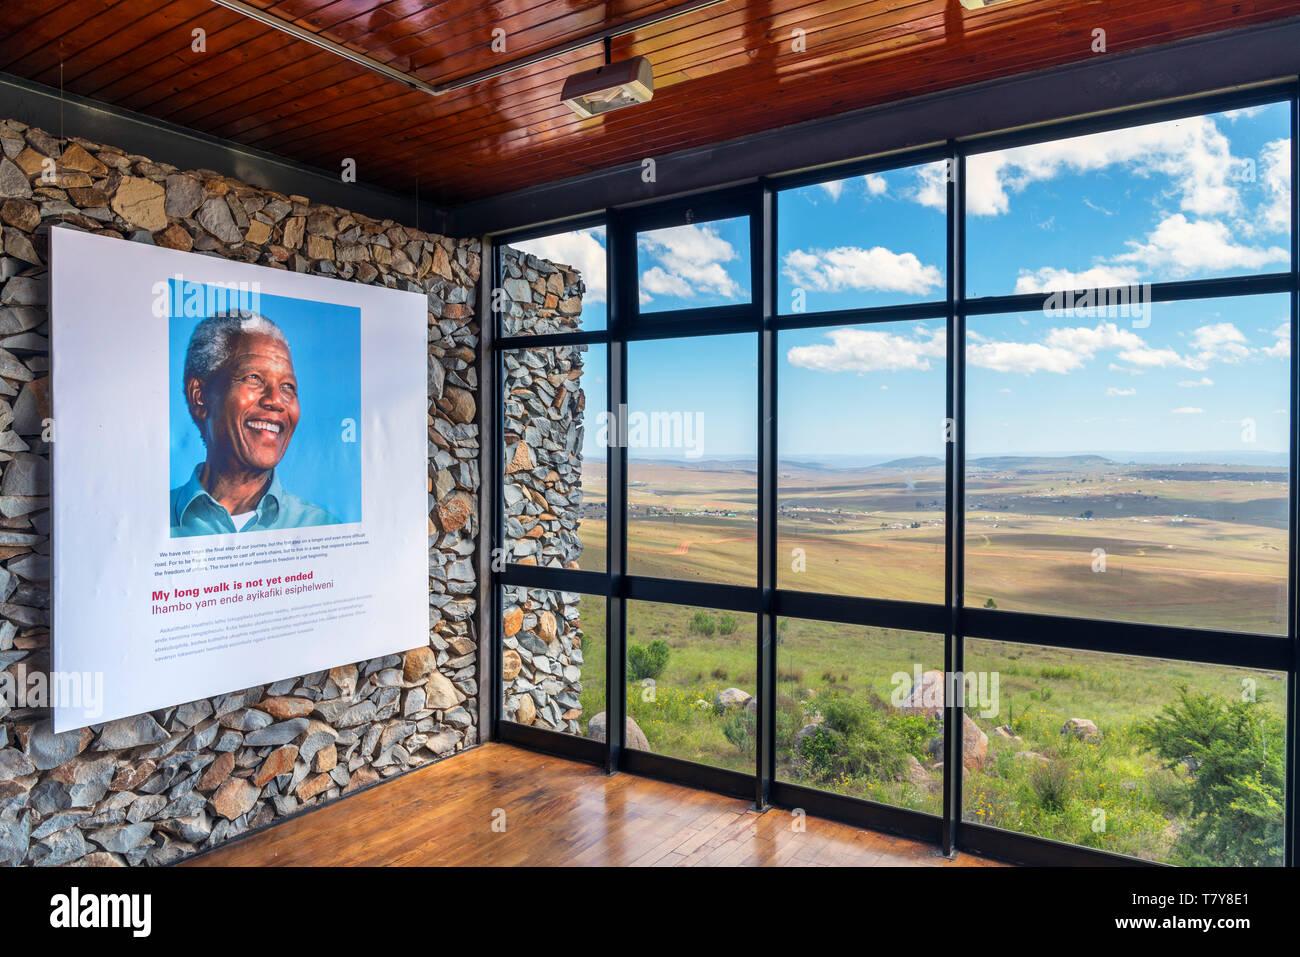 Museo in Qunu, la casa d'infanzia di Nelson Mandela, Capo orientale, Sud Africa Immagini Stock